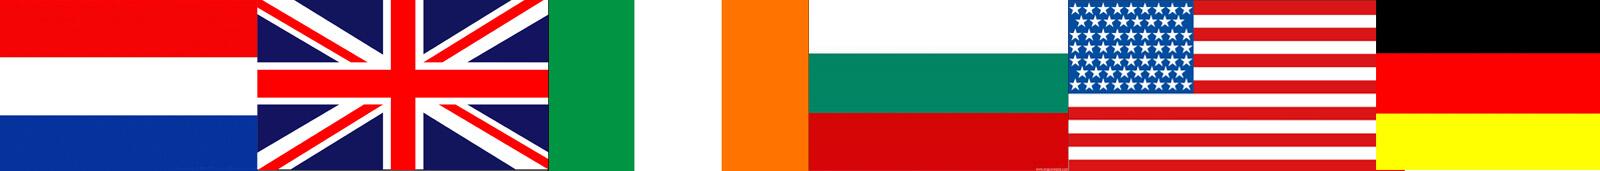 Flag row 2